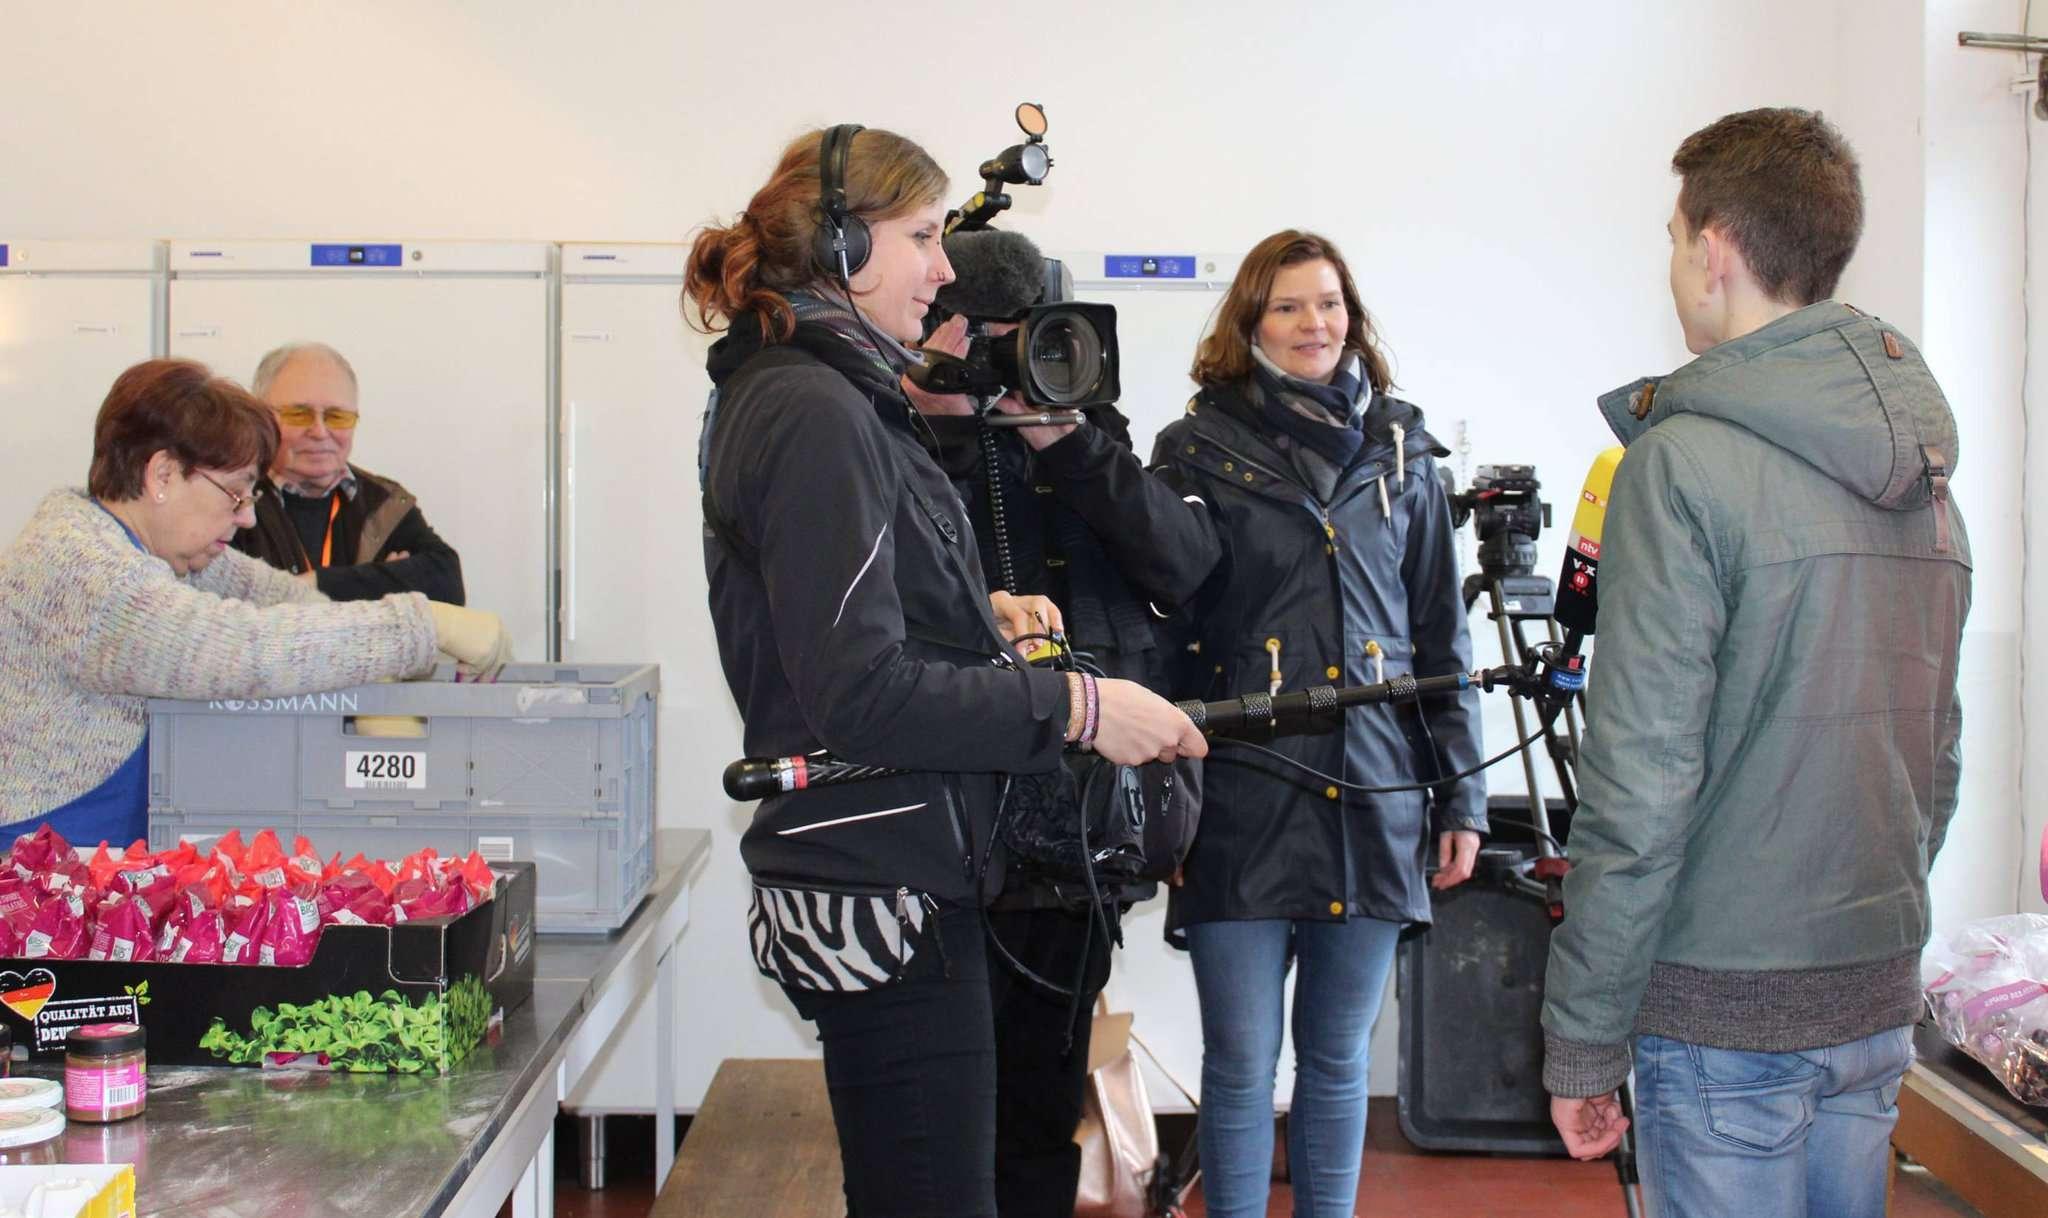 Das Kamerateam und Redakteurin Carmen Niemann befragen den Elftklässler Michel Matthies zu seiner ehrenamtlichen Arbeit für die Tafel. Fotos: Ann-Christin Beims